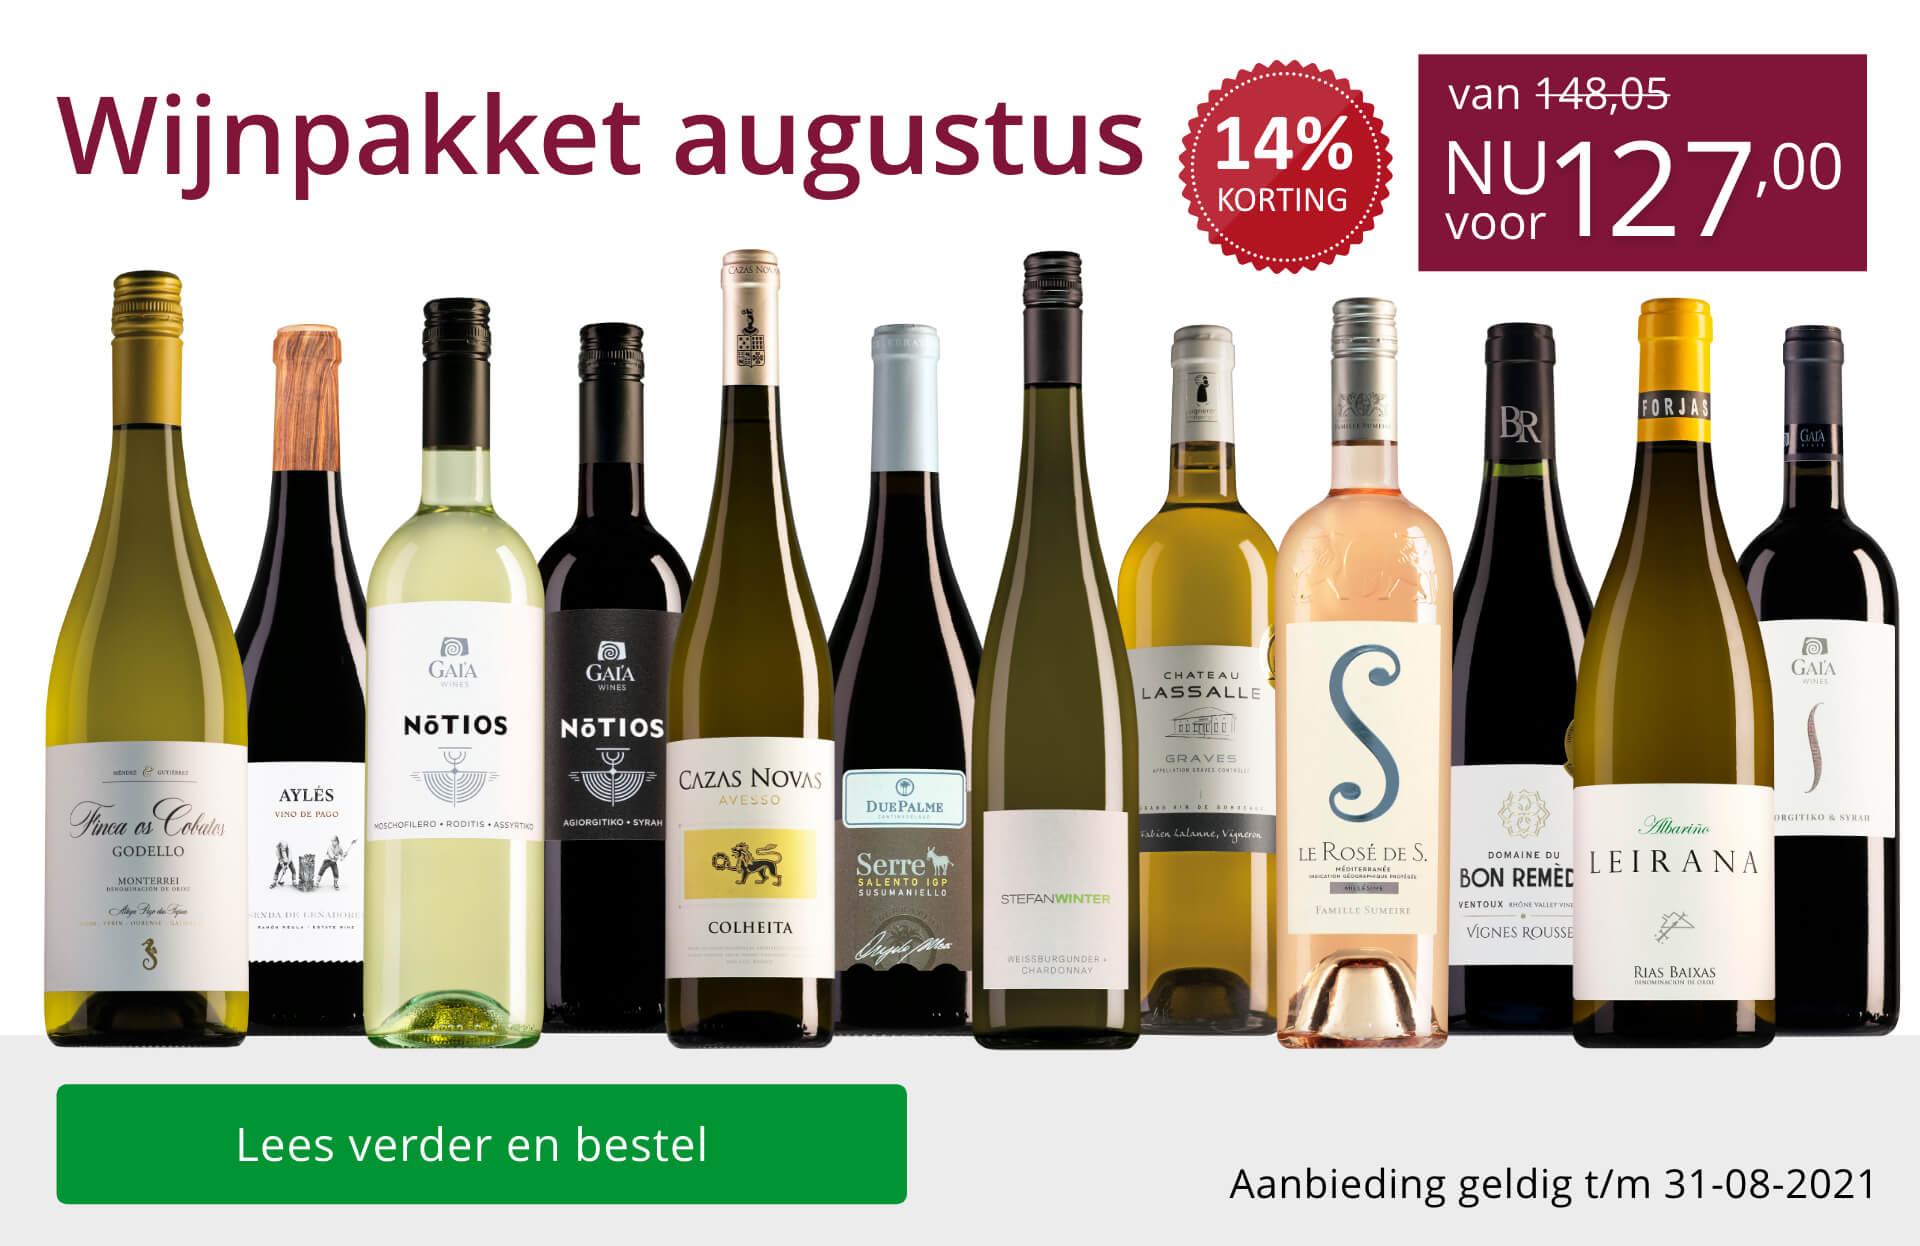 Wijnpakket wijnbericht augustus 2021 (127,00) - paars